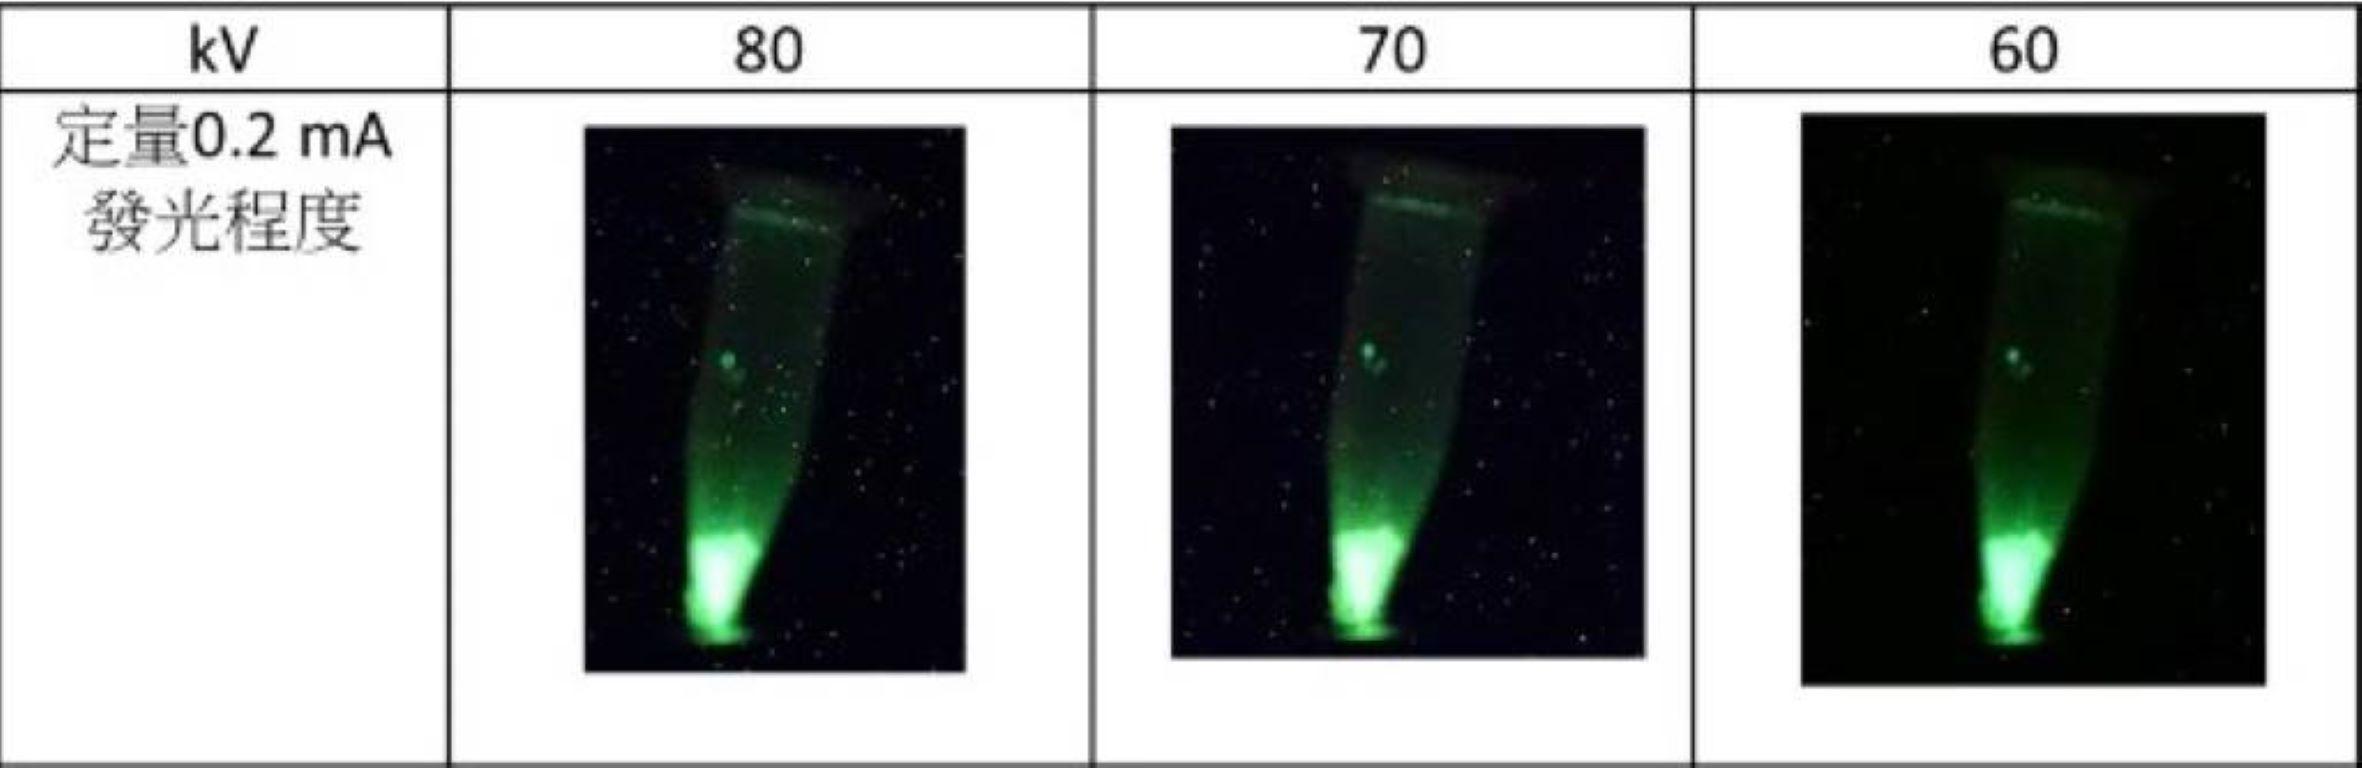 臨床前錐束X光激發光學與電腦斷層影像系統原型機